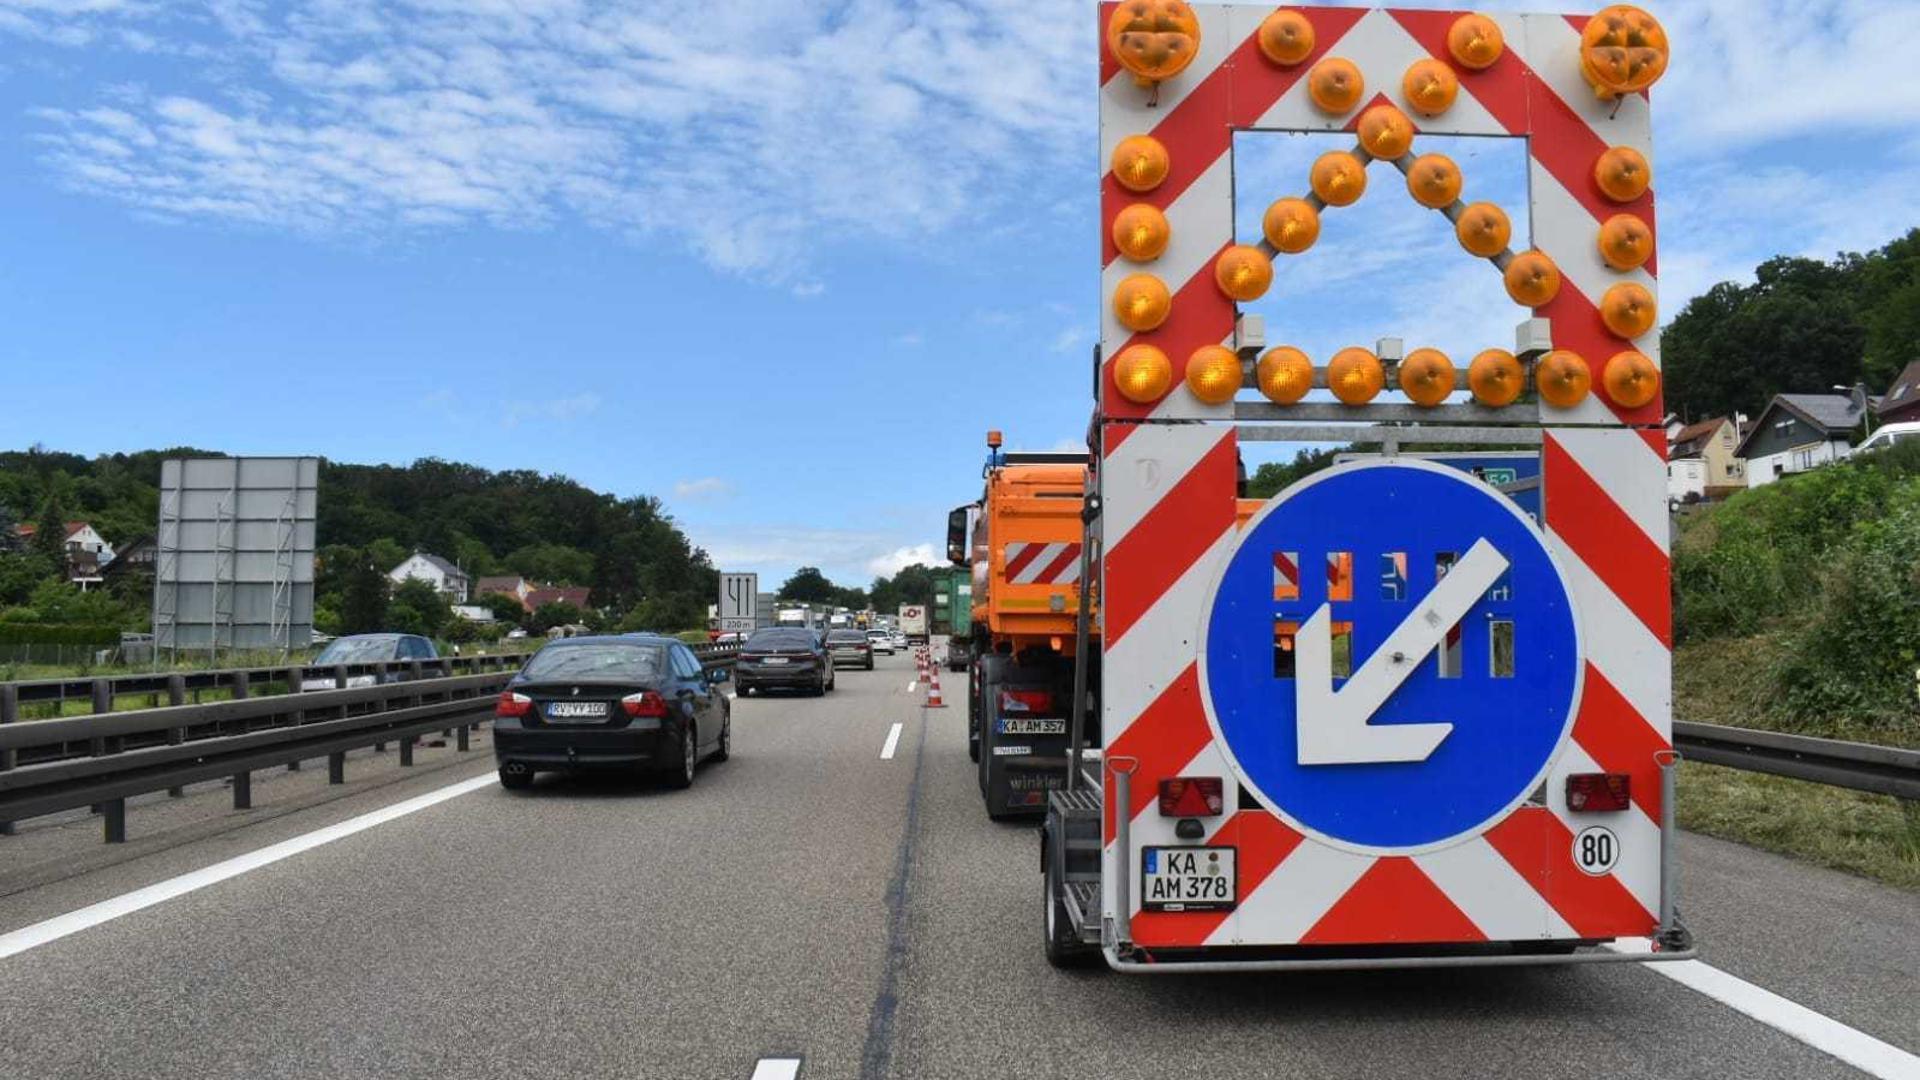 Sperrung auf der Autobahn bei Pforzheim: Die A8 muss nach einem Unfall am Mittwochnachmittag teilgesperrt werden.